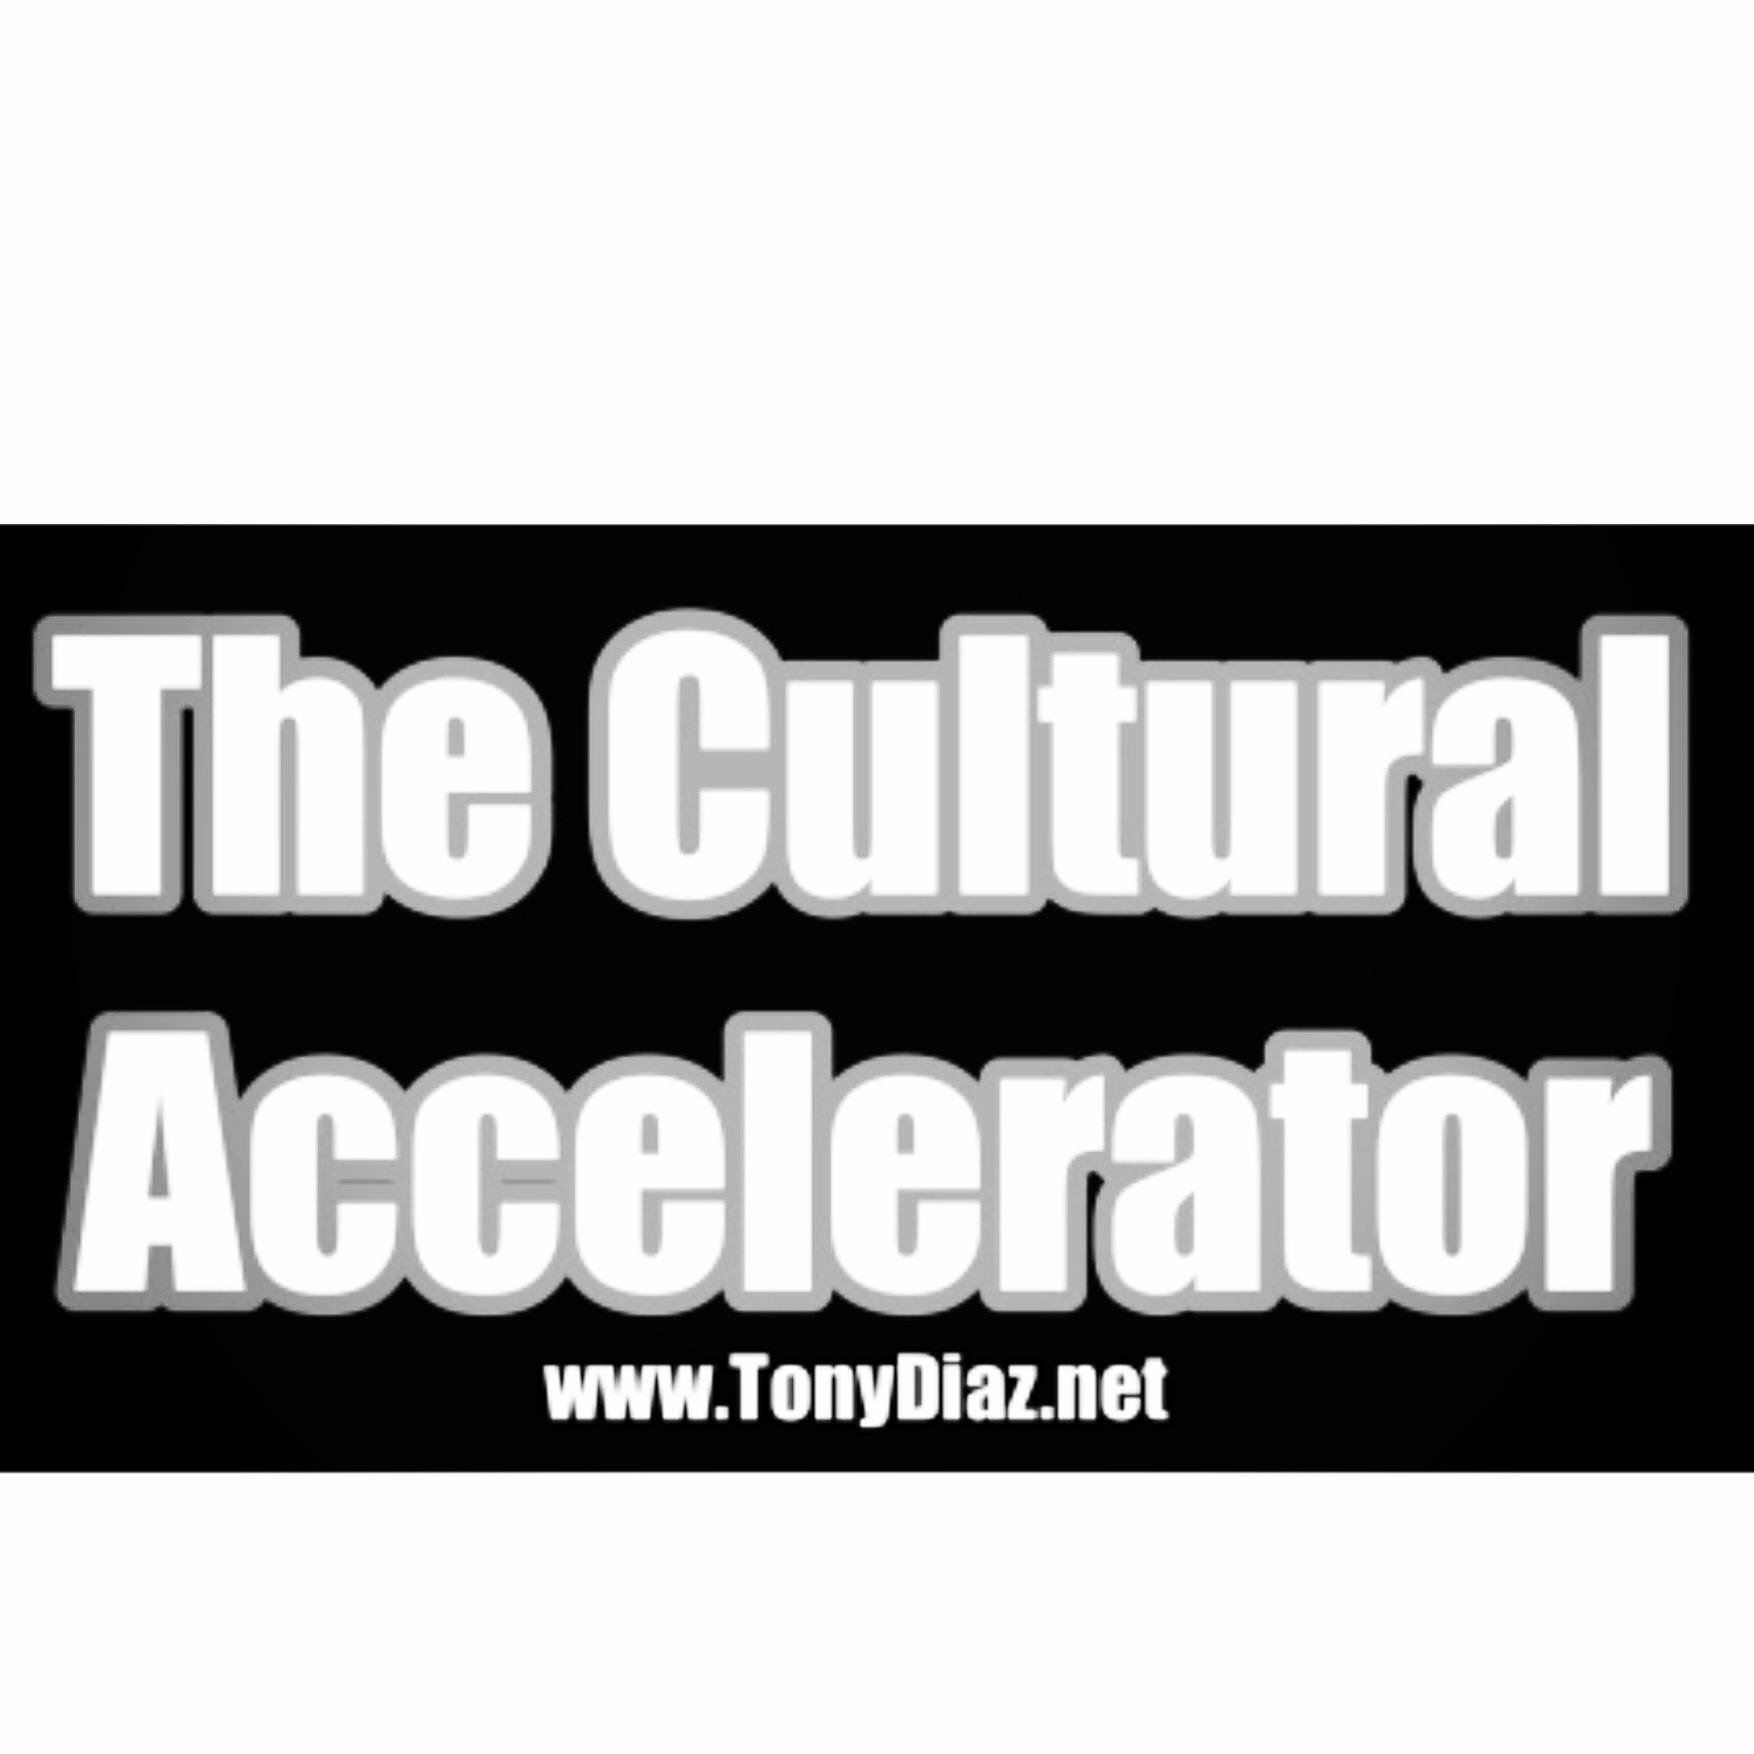 The Era of Cultural Accelerators